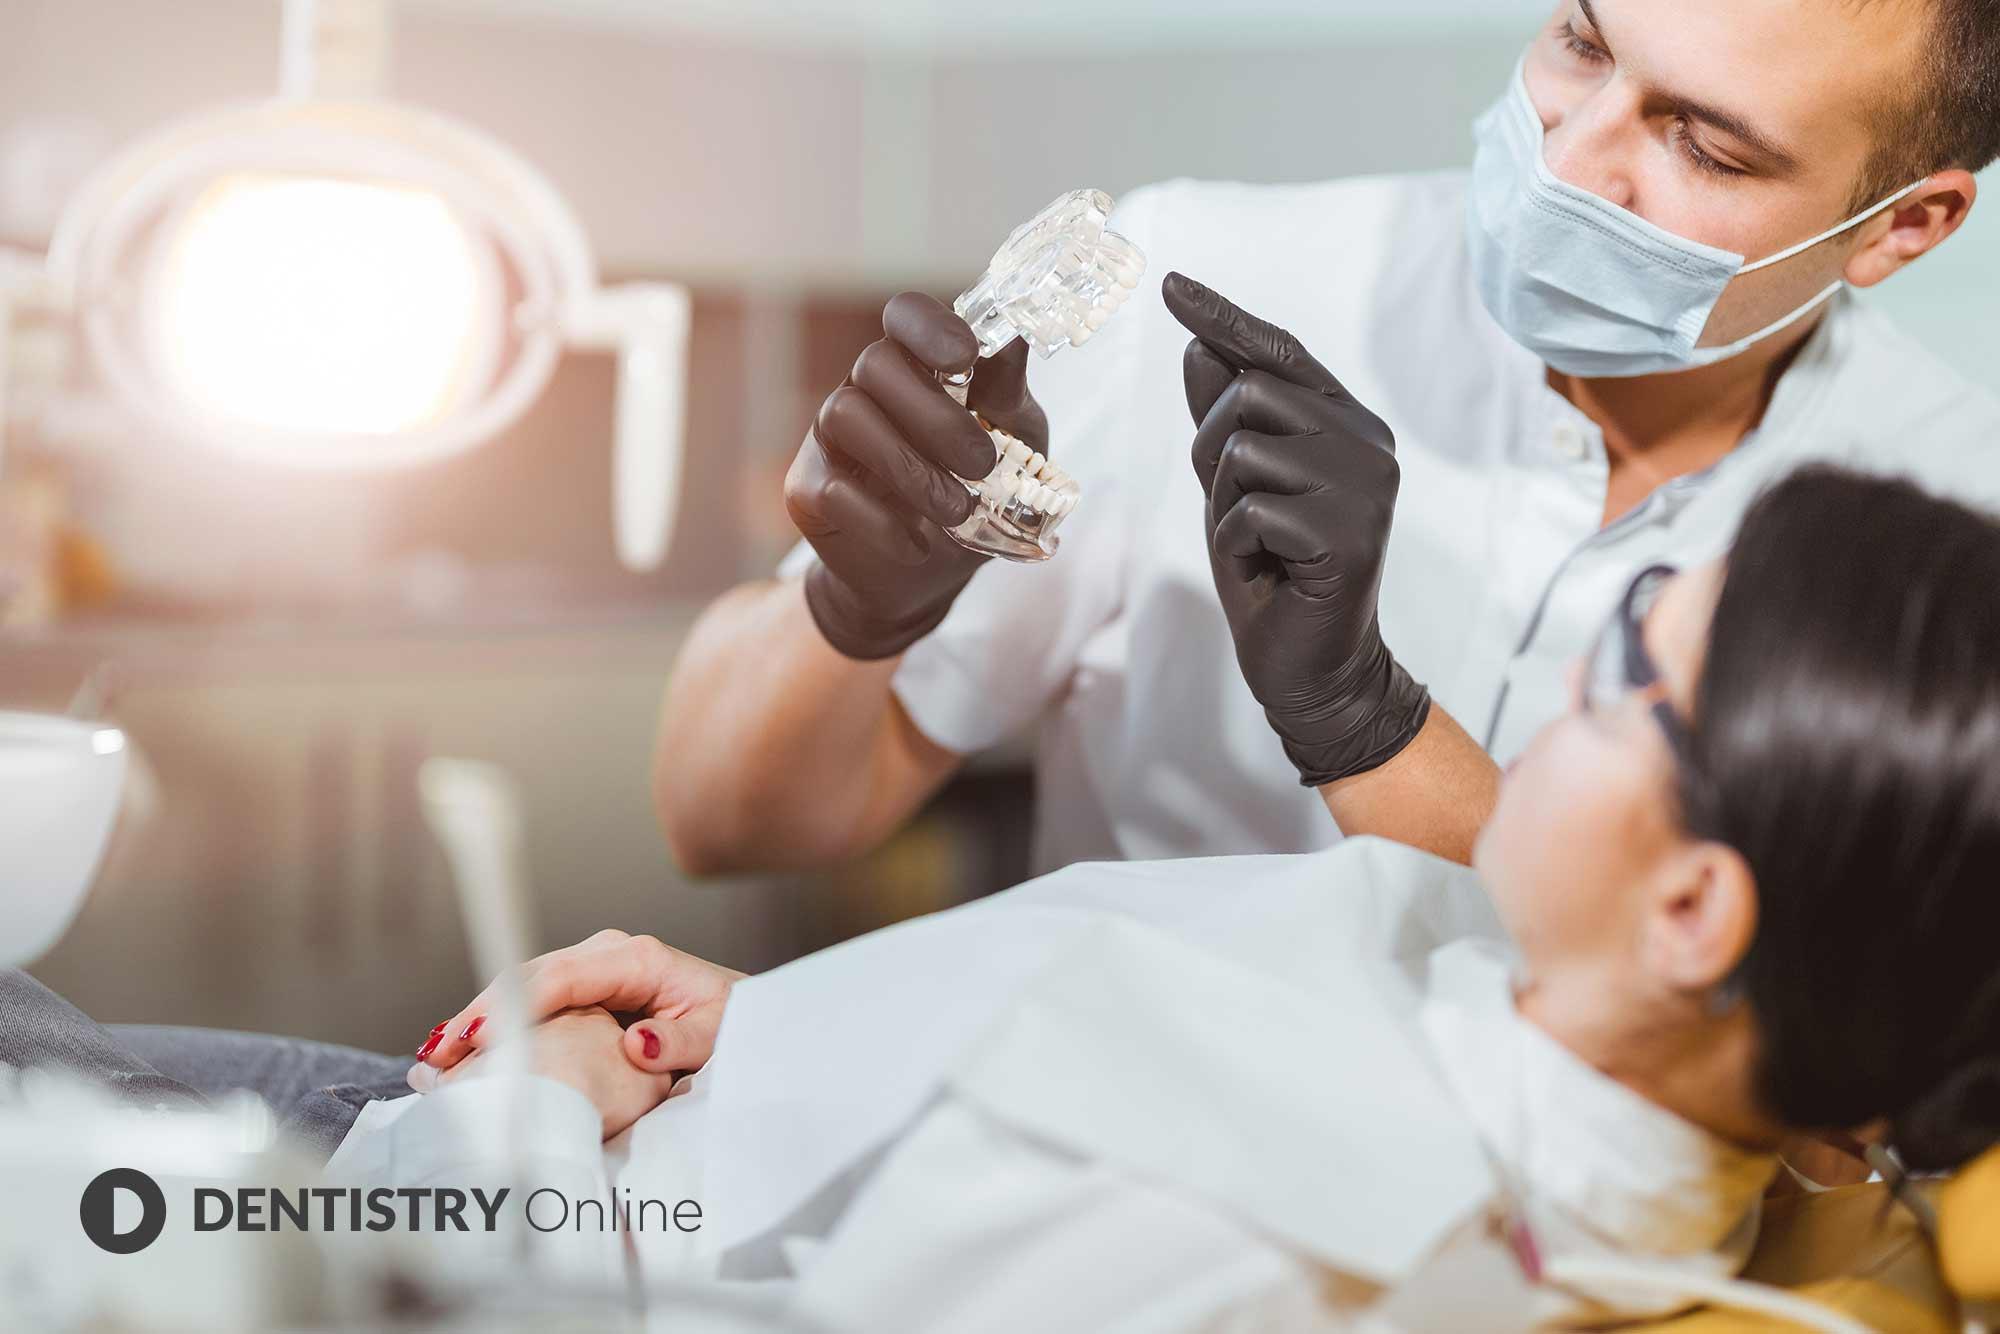 private dentistry